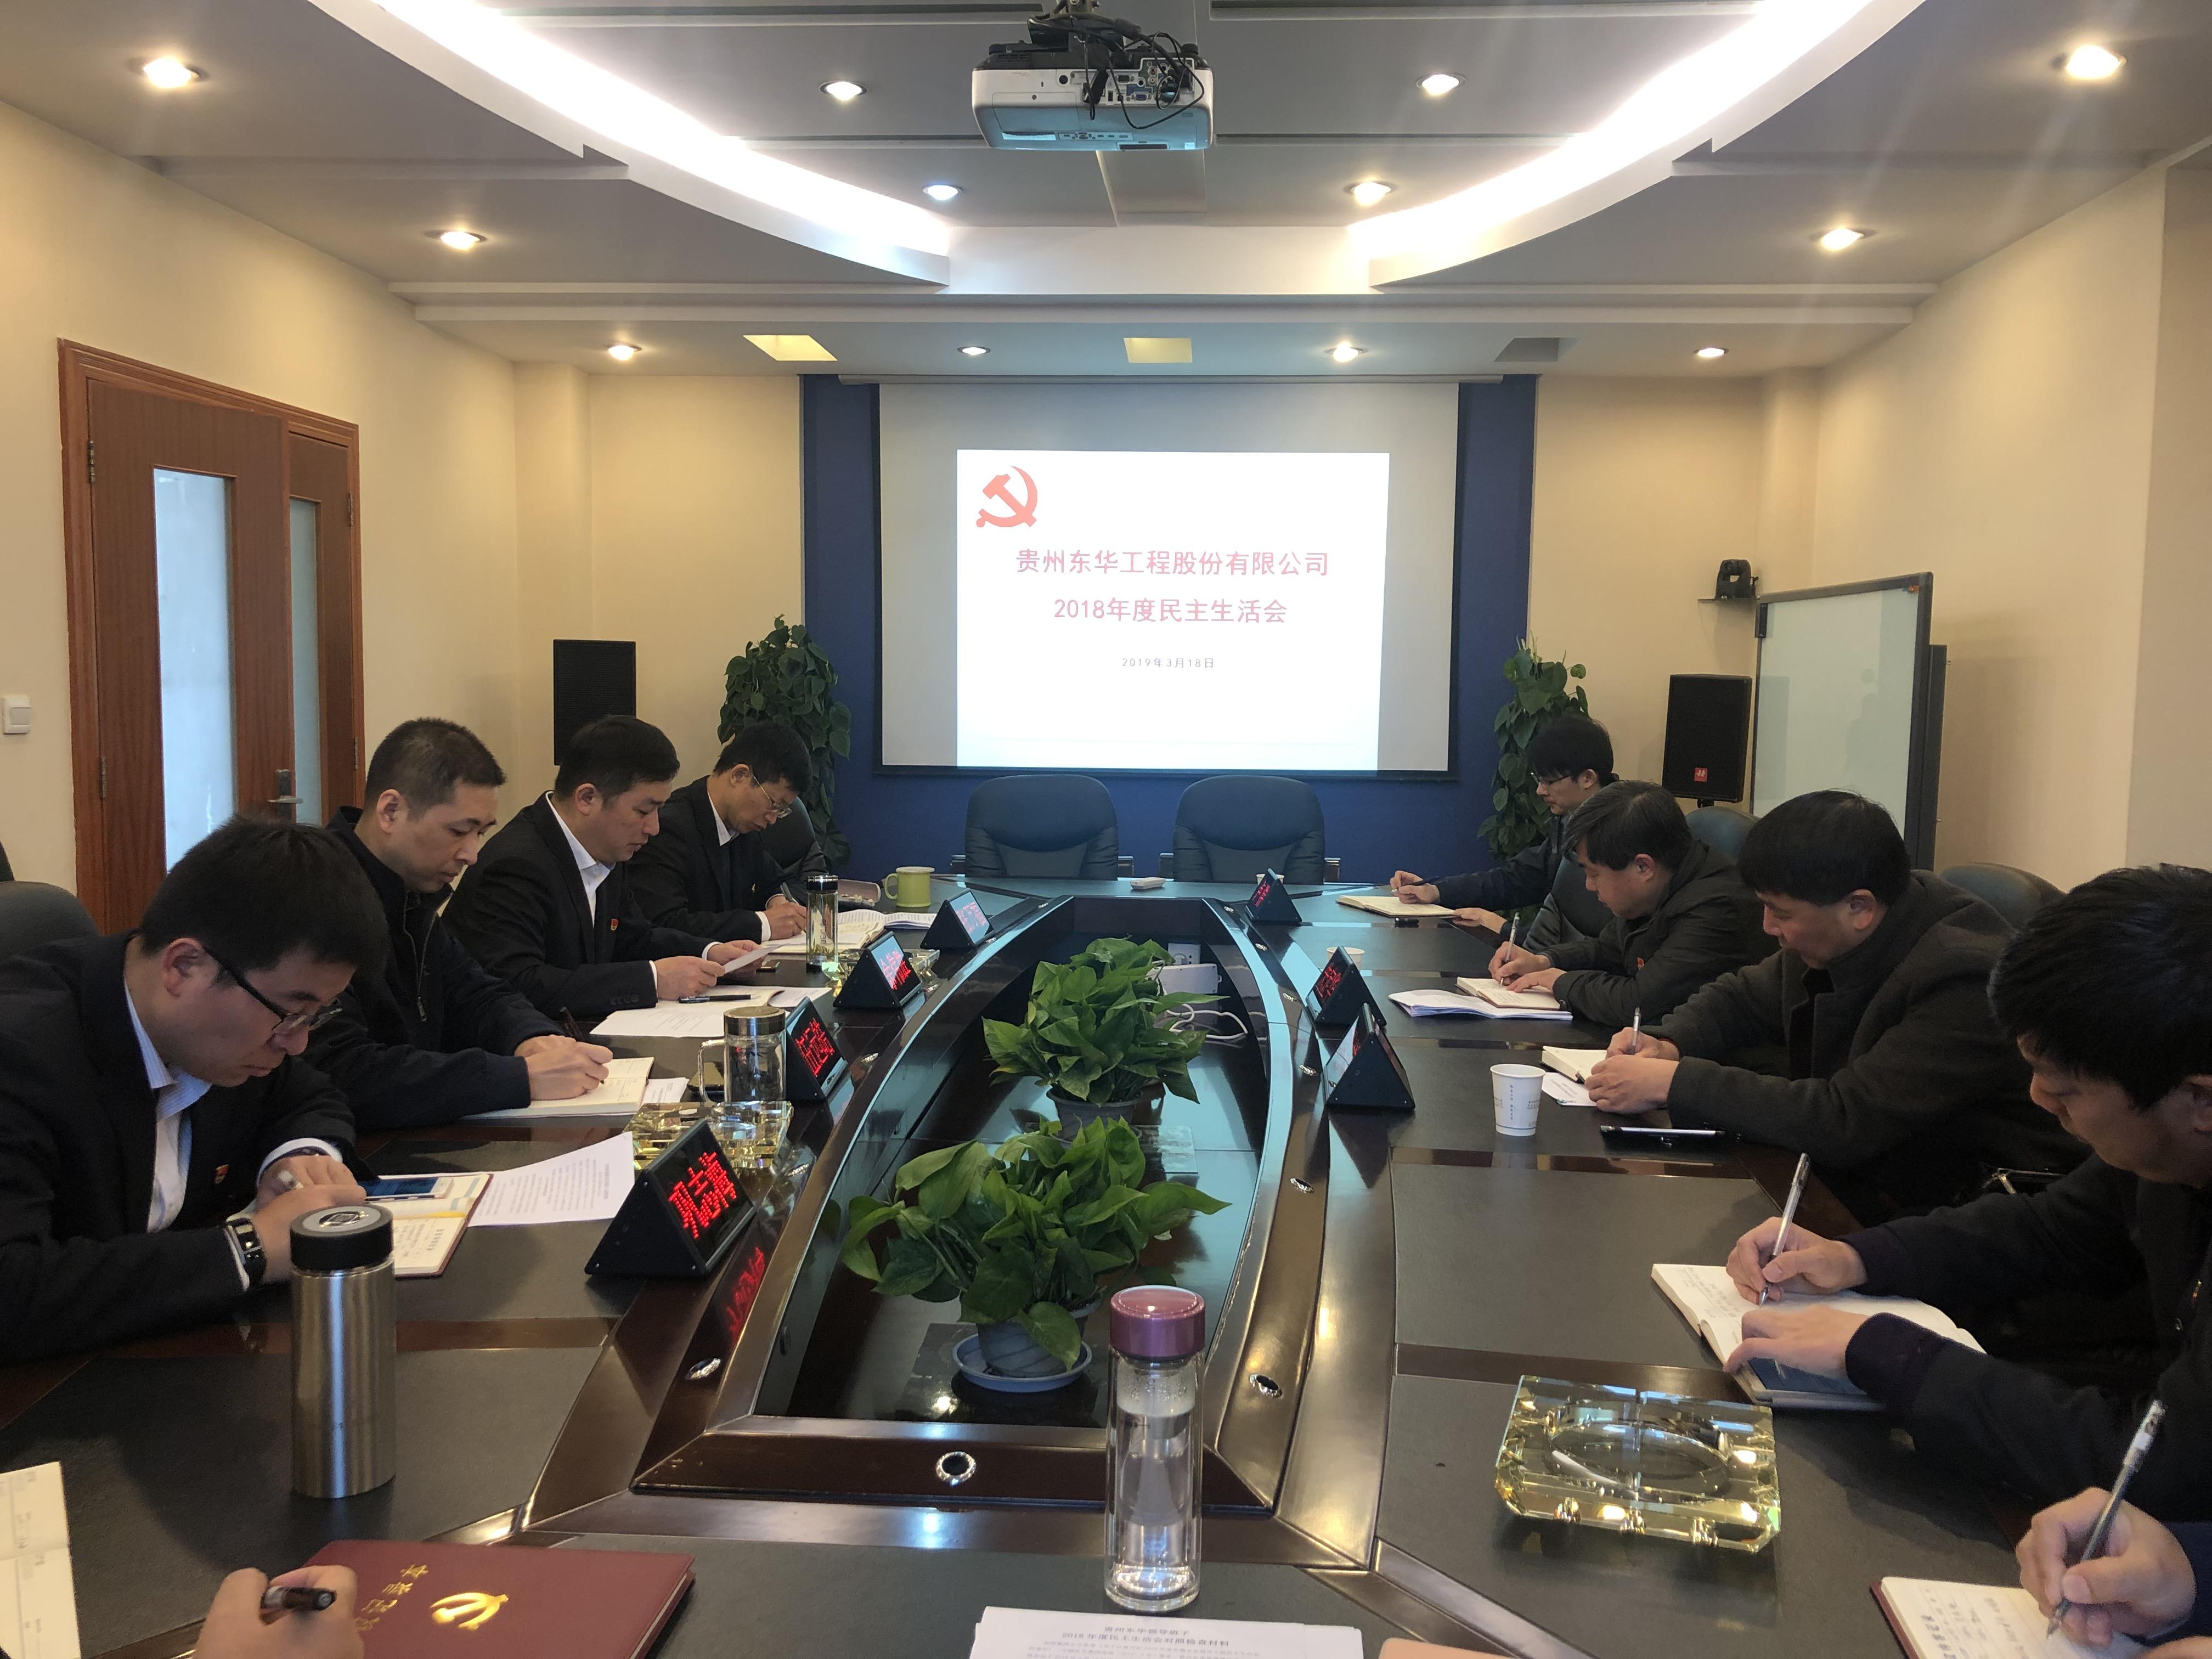 公司党委召开2018年度党员领导干部民主生活会